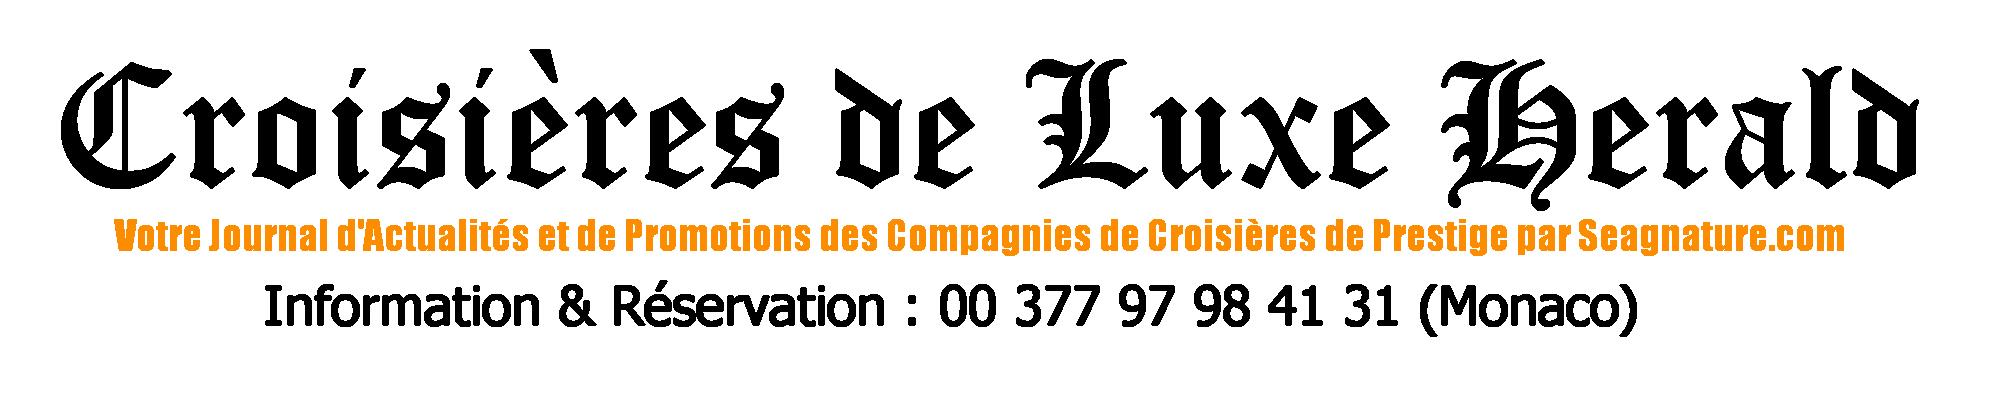 Croisières de Luxe Herald